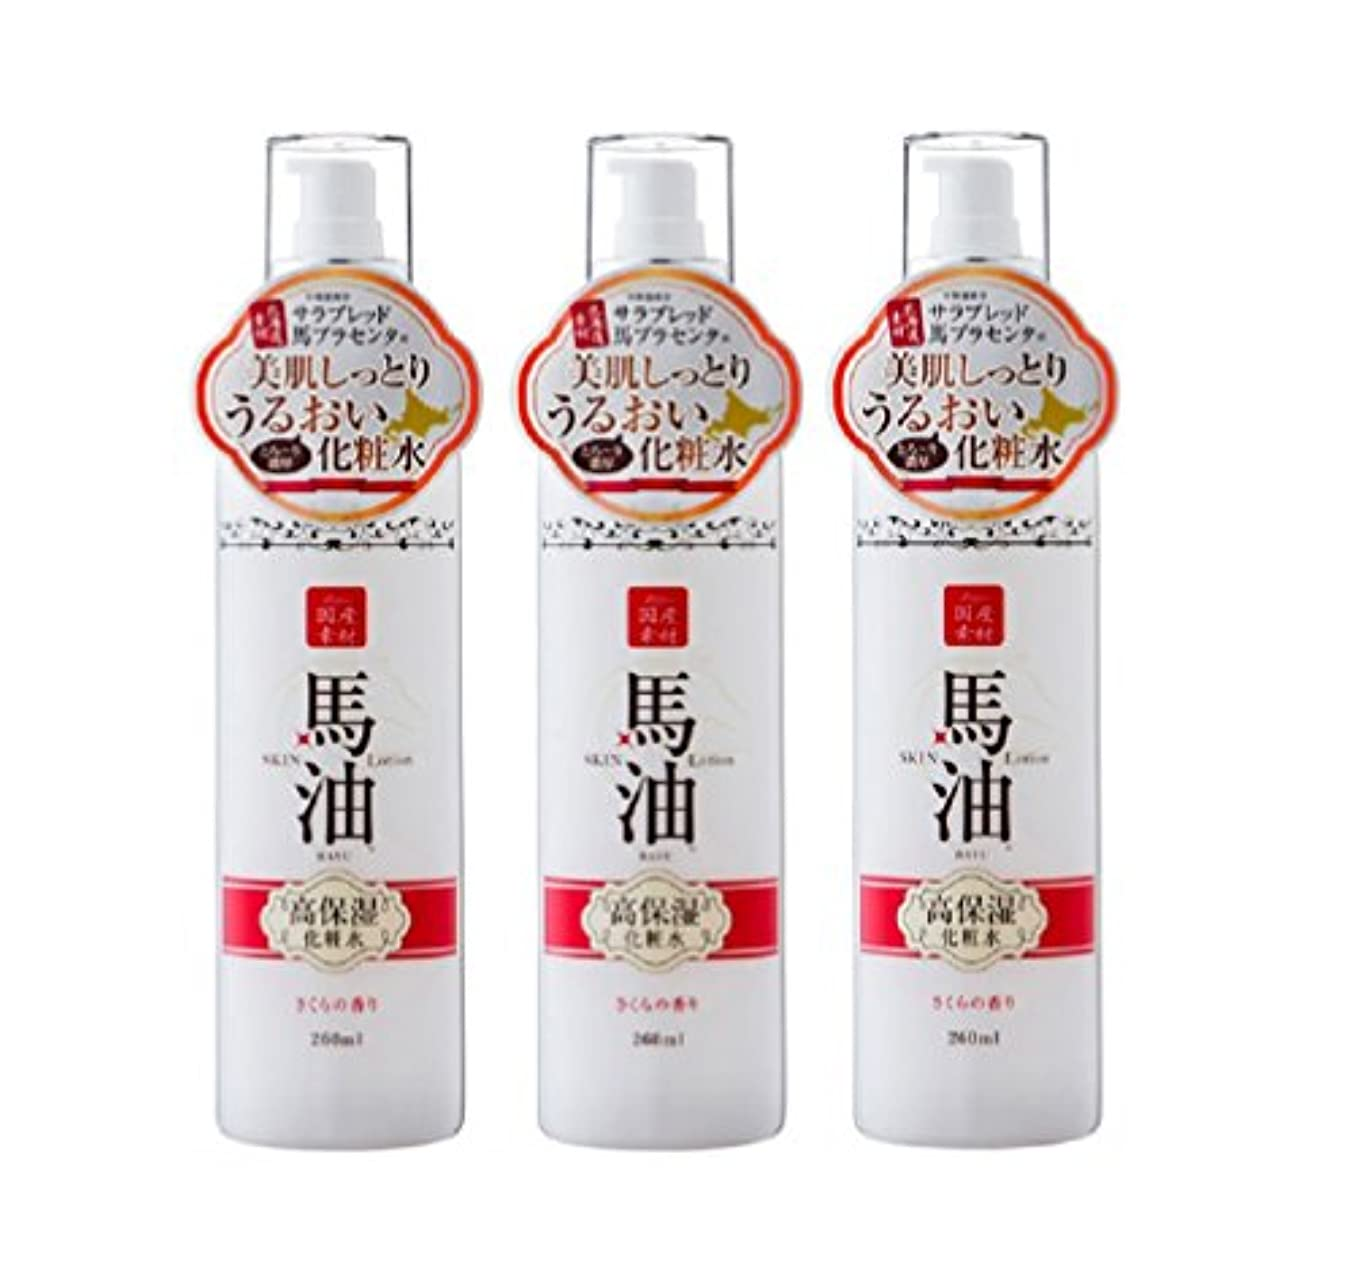 報酬ロッカー腹部リシャン 馬油化粧水 さくらの香り 260ml×3本セット